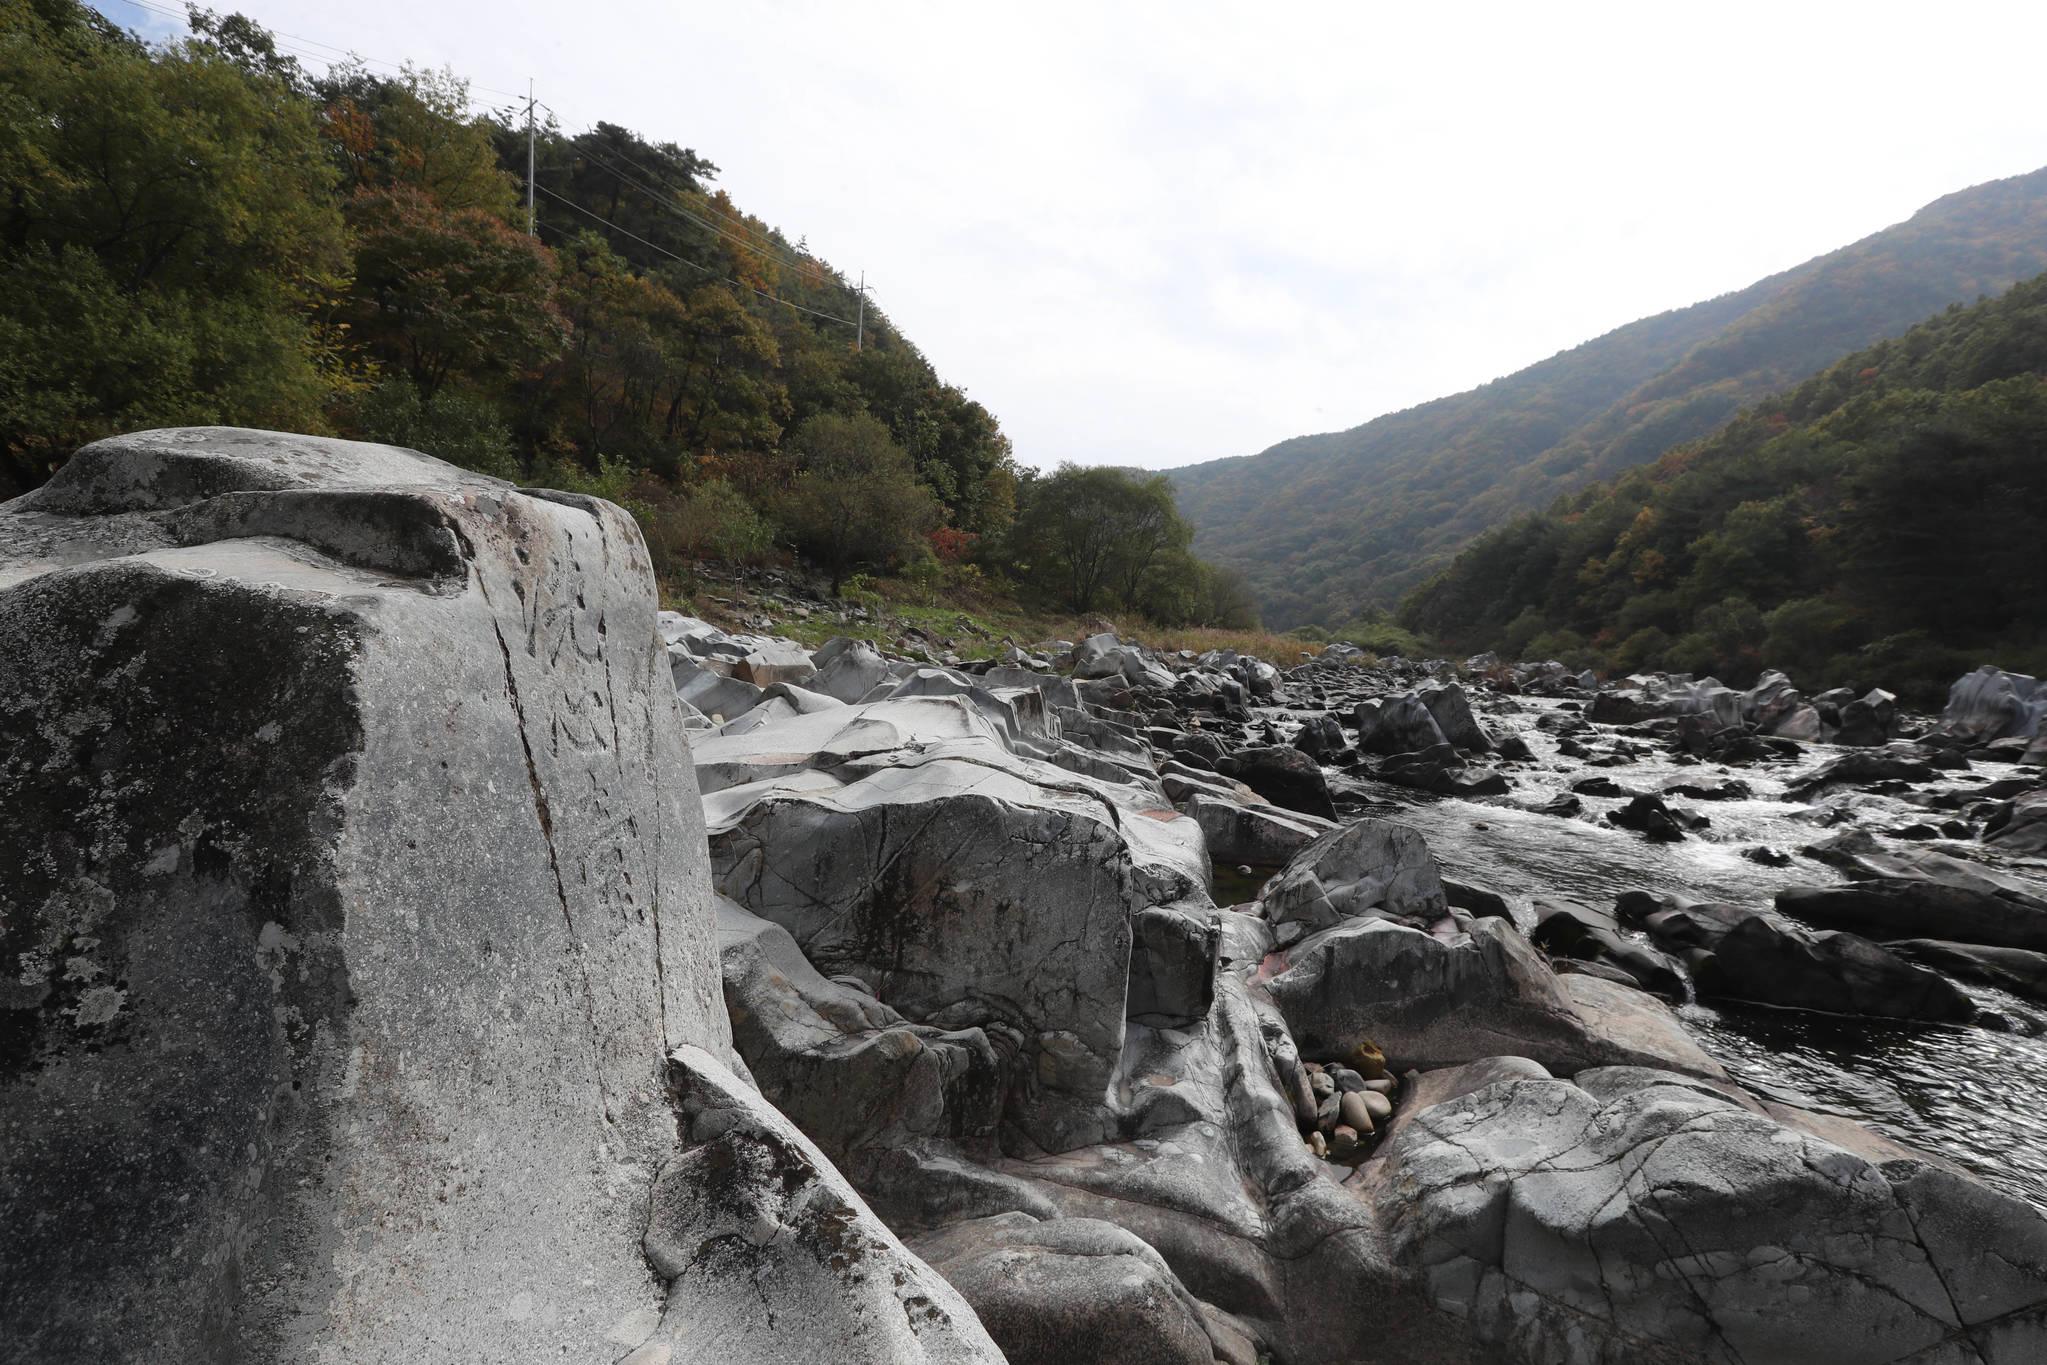 등받이 의자처럼 생긴 바위에 '세심대(洗心臺)'라고 음각이 돼 있다. 바위와 계곡물, 단풍이 어우러진 절경을 볼 수 있는 명소다. 신인섭 기자